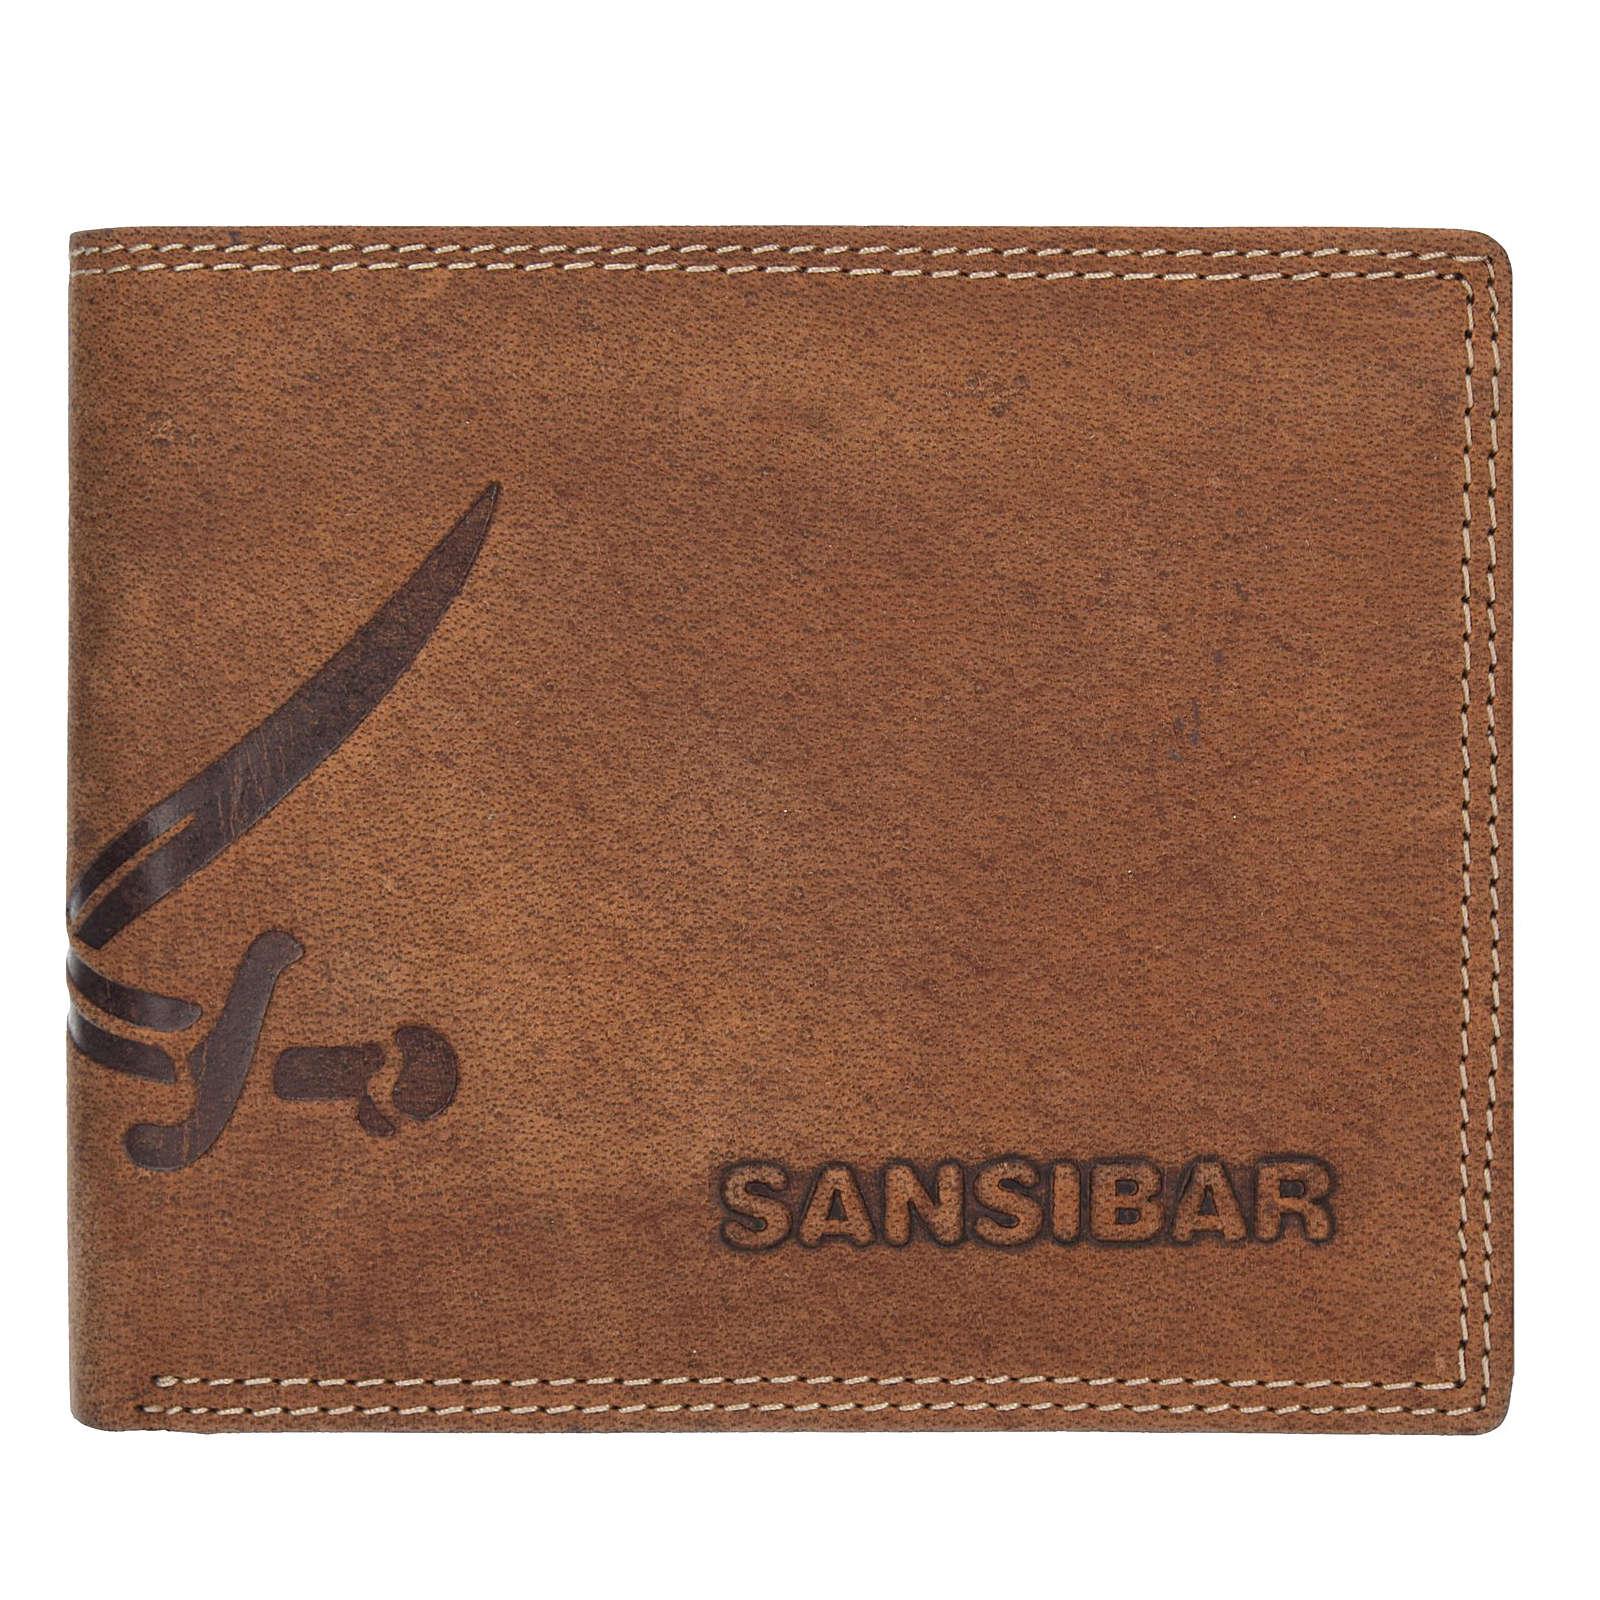 Sansibar List Herren Querformat Geldbörse Leder 12 cm mit Klappfach braun Herren